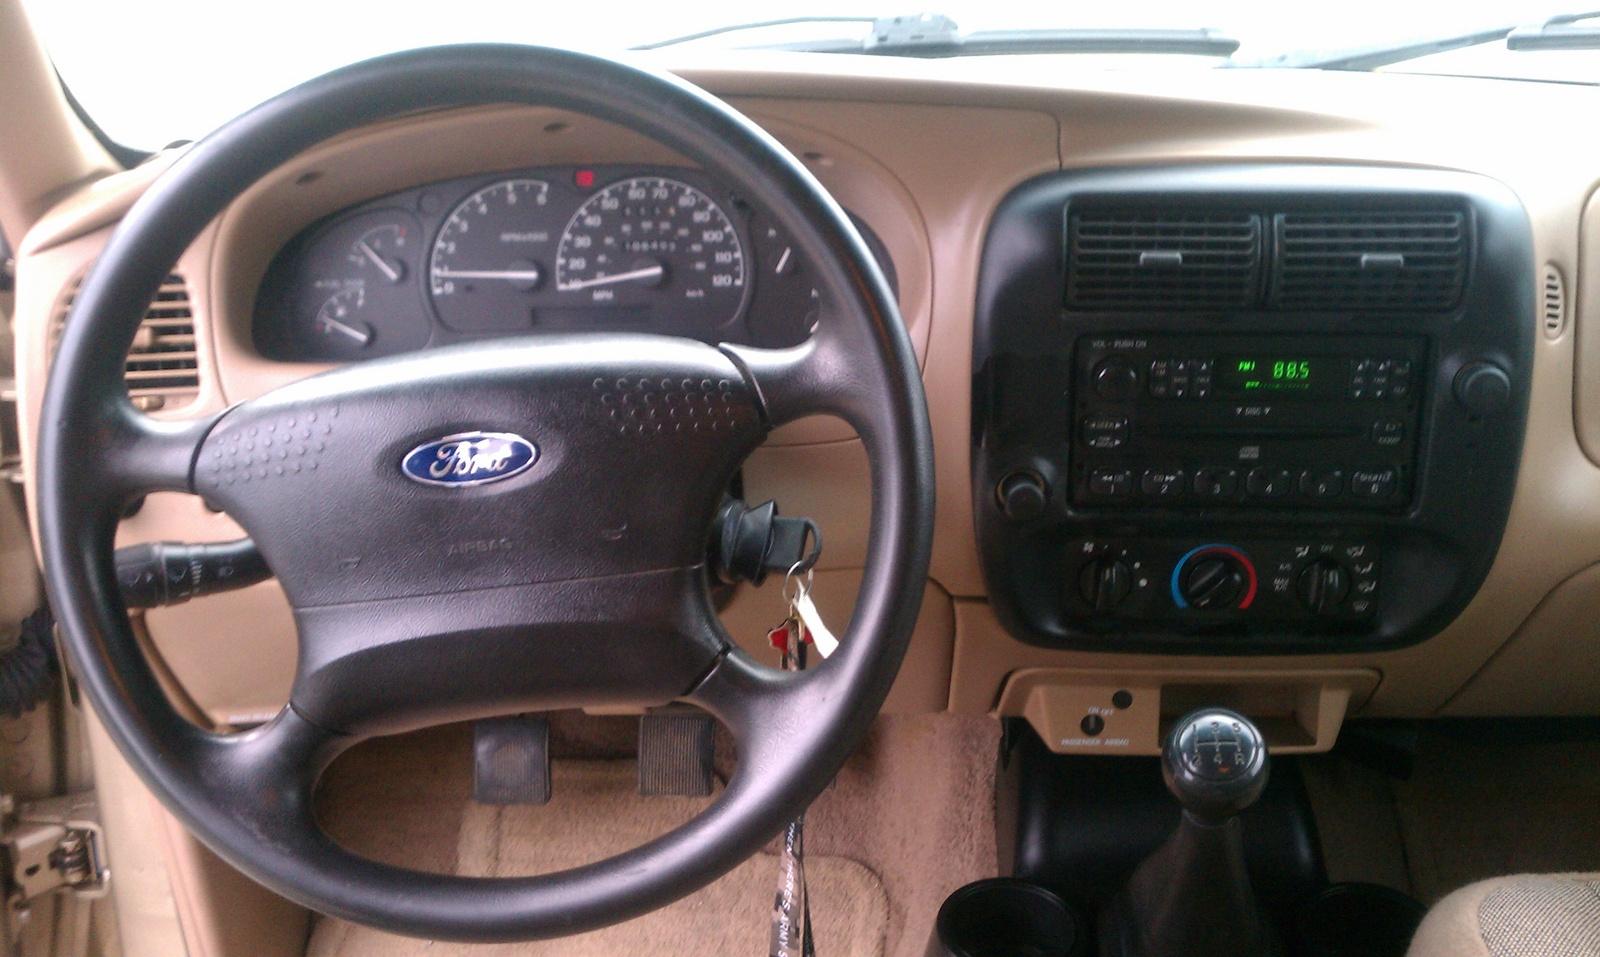 2002 - 2002 Ford Ranger Interior